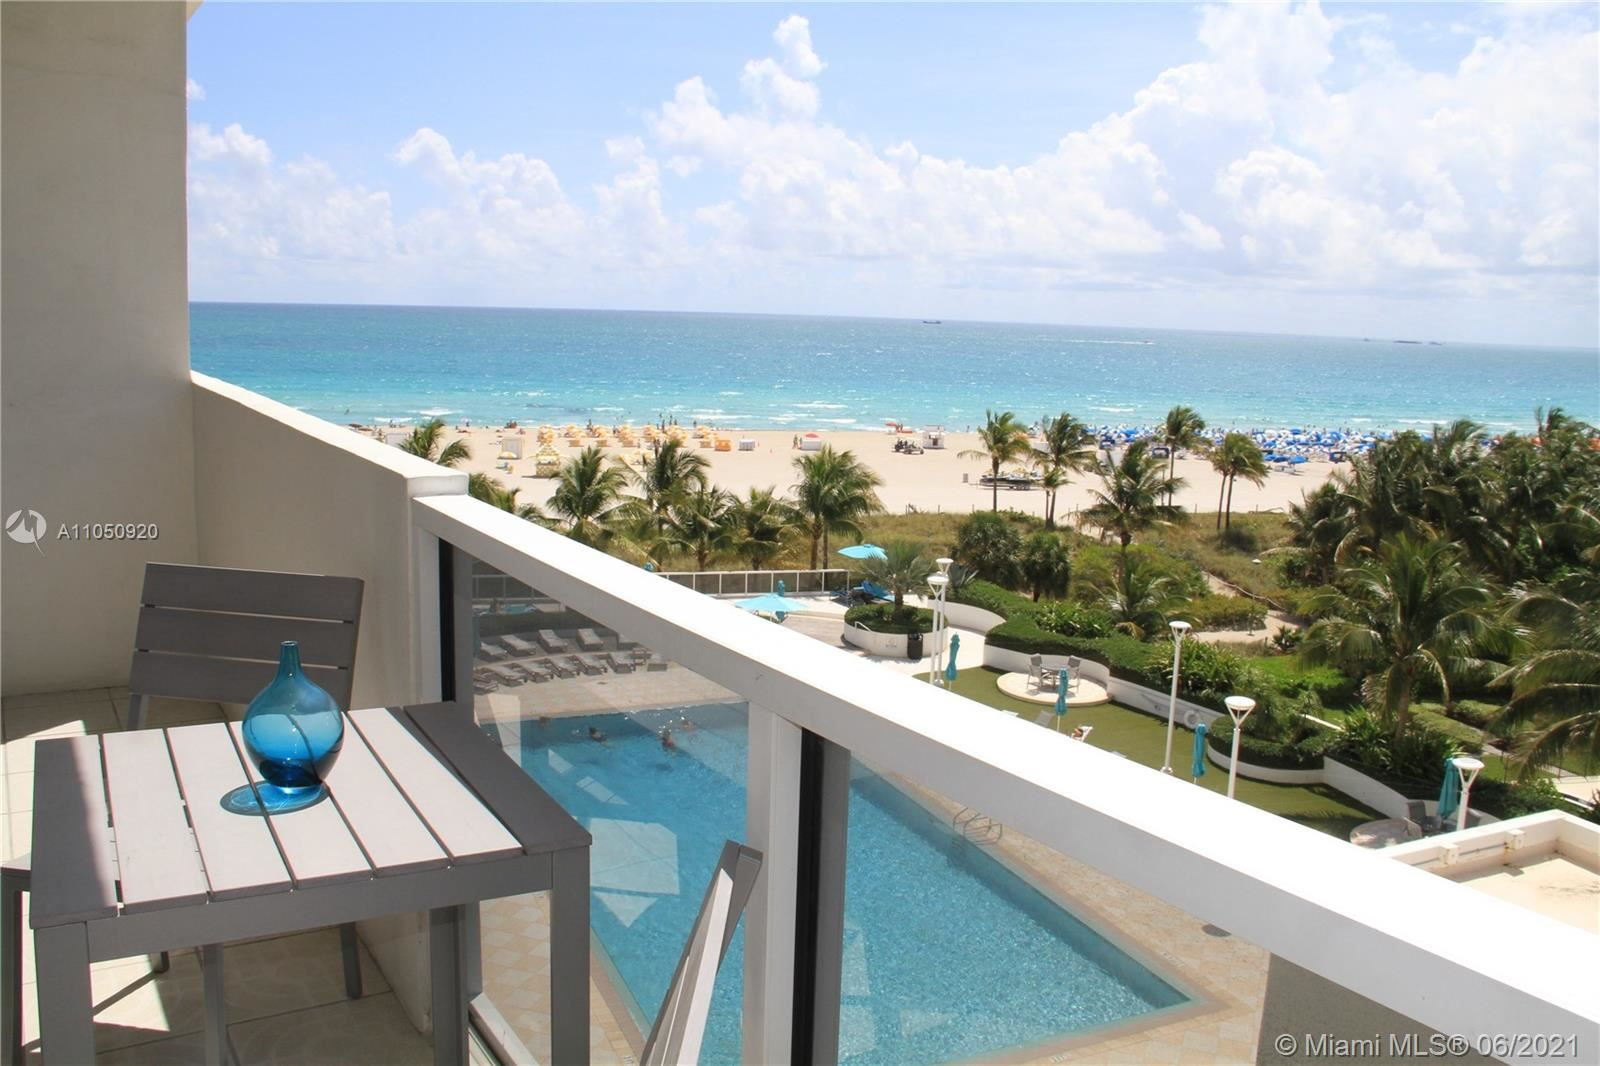 100 Lincoln Rd #640, Miami Beach, FL 33139 - #: A11050920